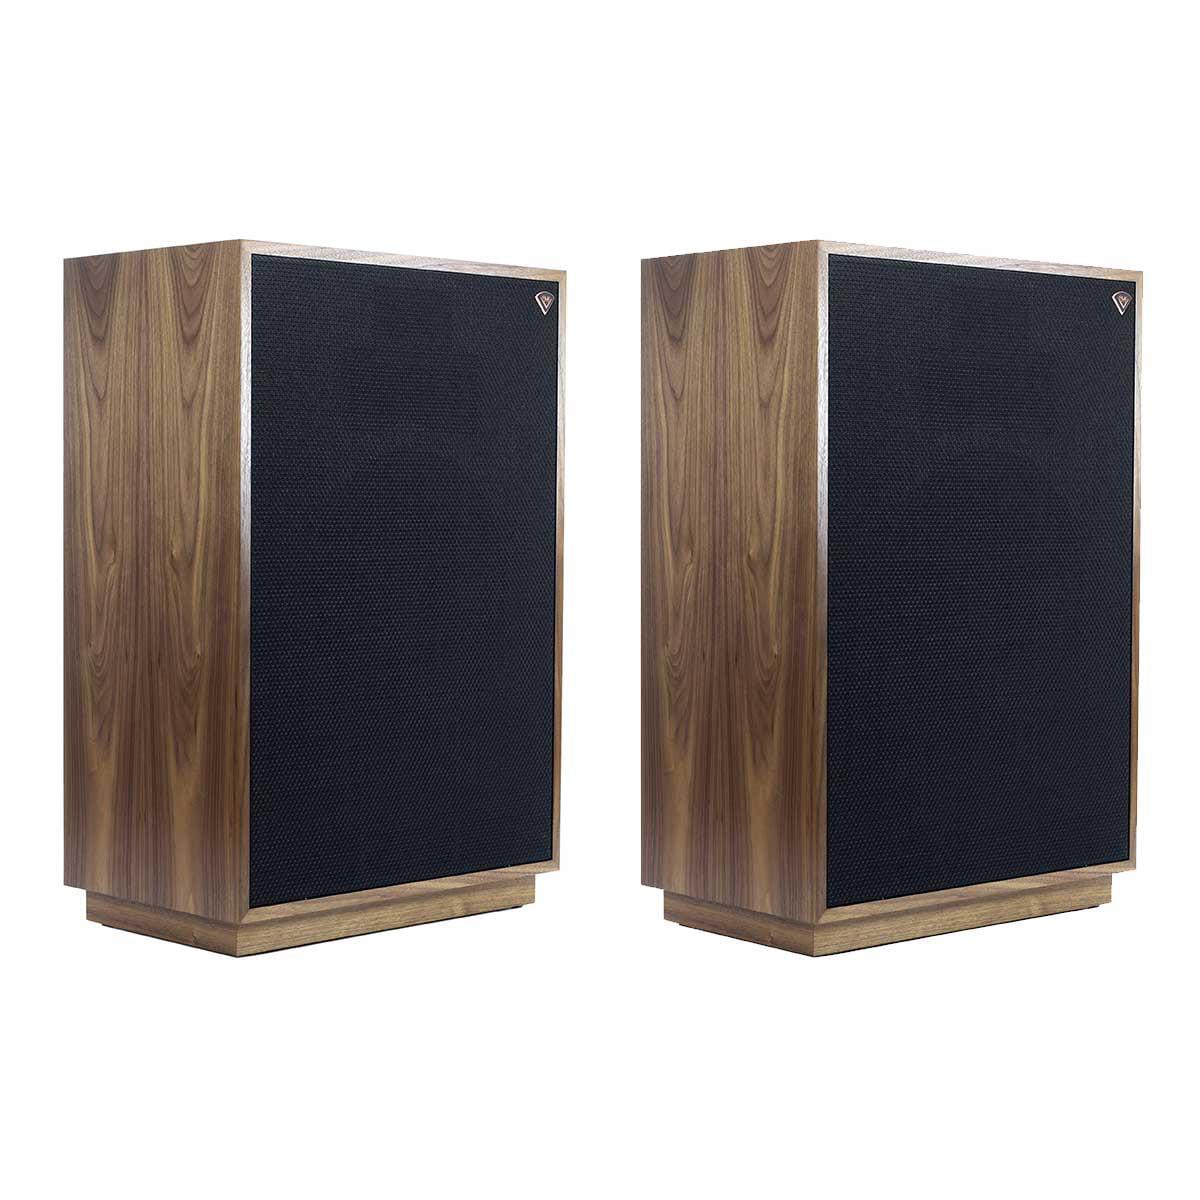 Klipsch Cornwall III Heritage Series Floorstanding Speakers Pair by Klipsch